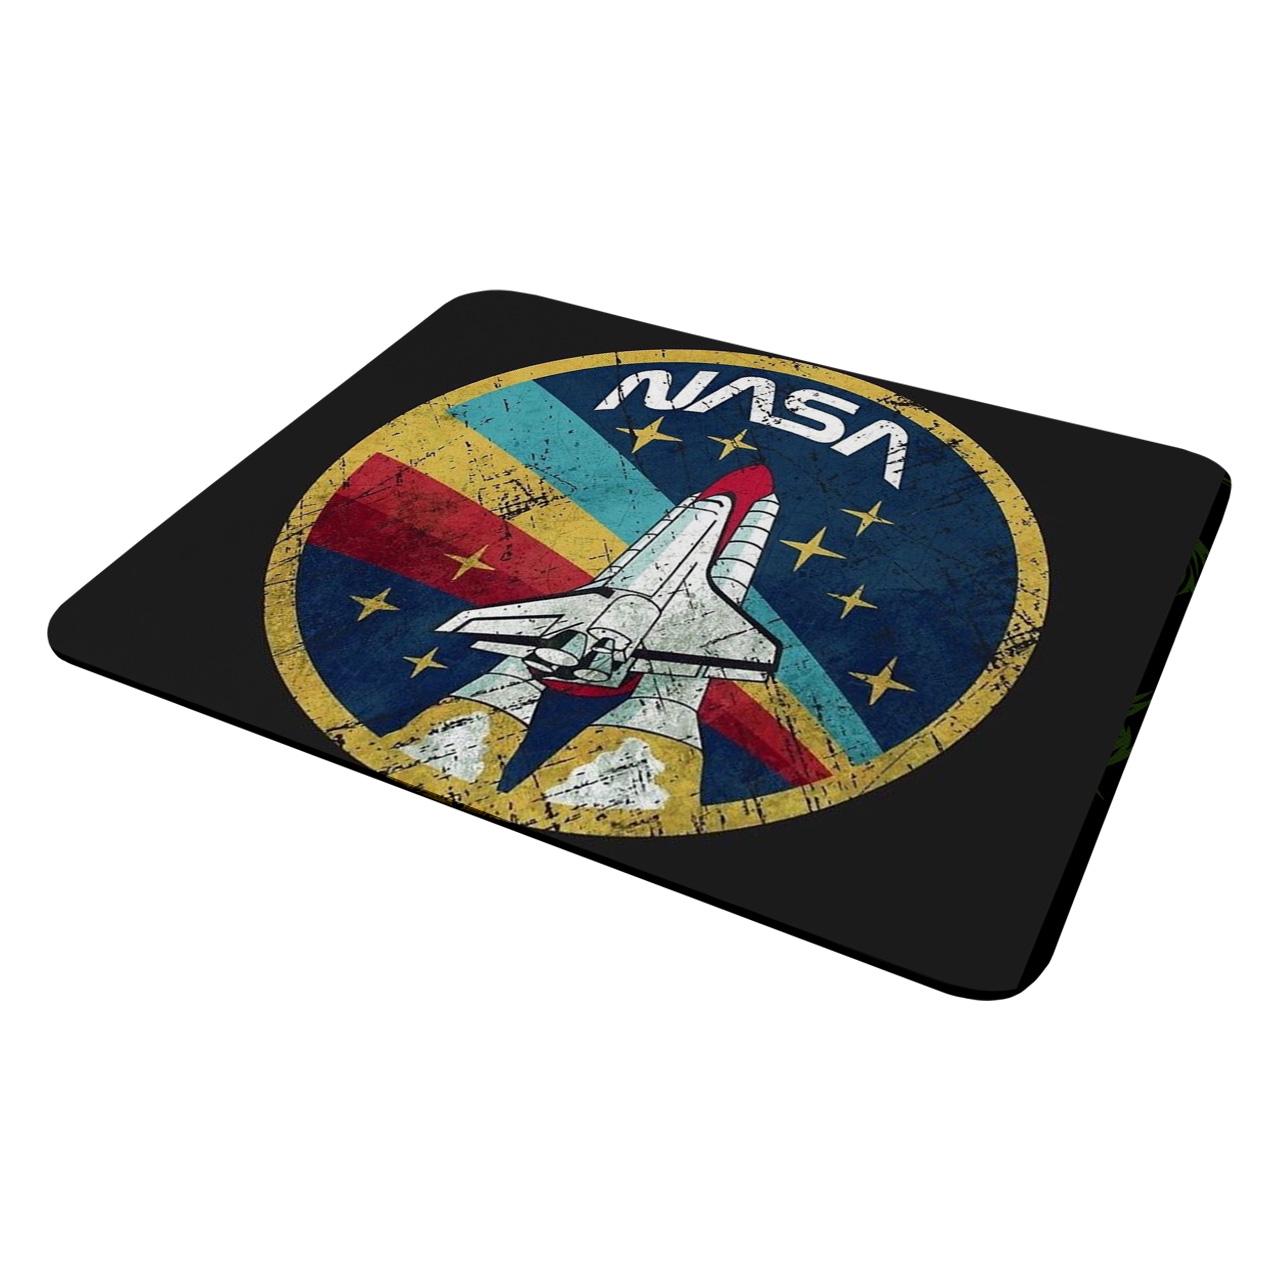 ماوس پد طرح ناسا مدل MP1086 main 1 1